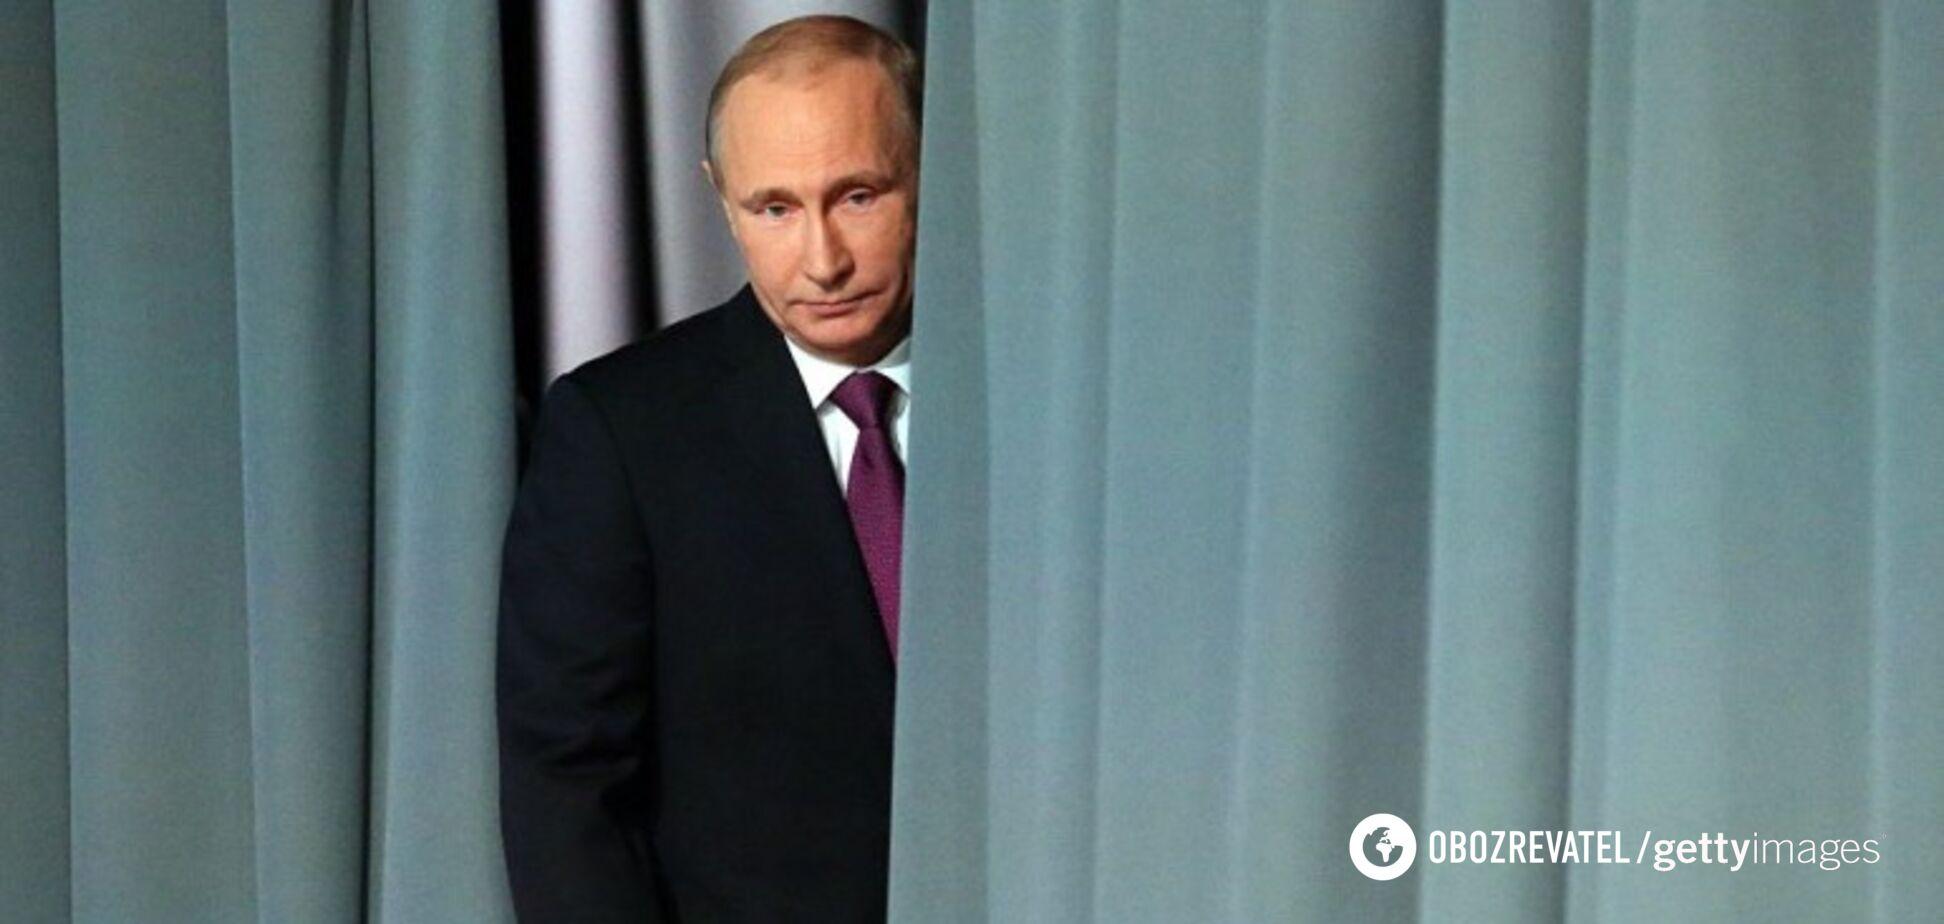 Путін 'відклав' Україну до осені, на Росію чекають важкі часи – Касьянов